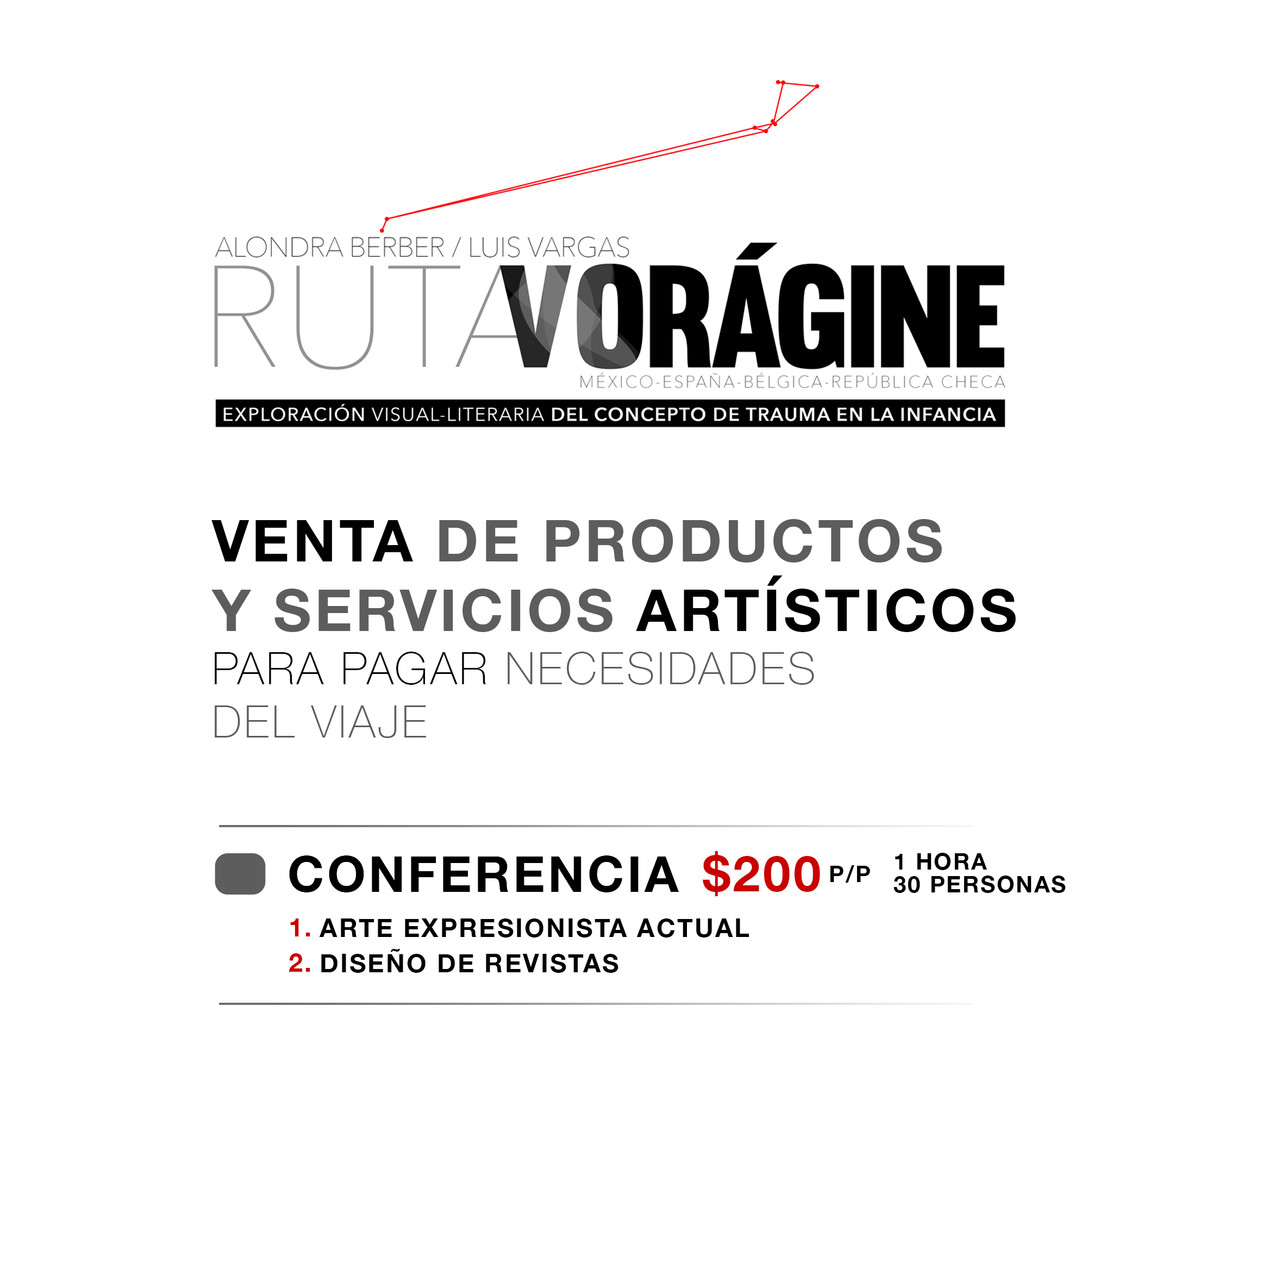 Venta_ruta_vorágine_Conferencia_luis